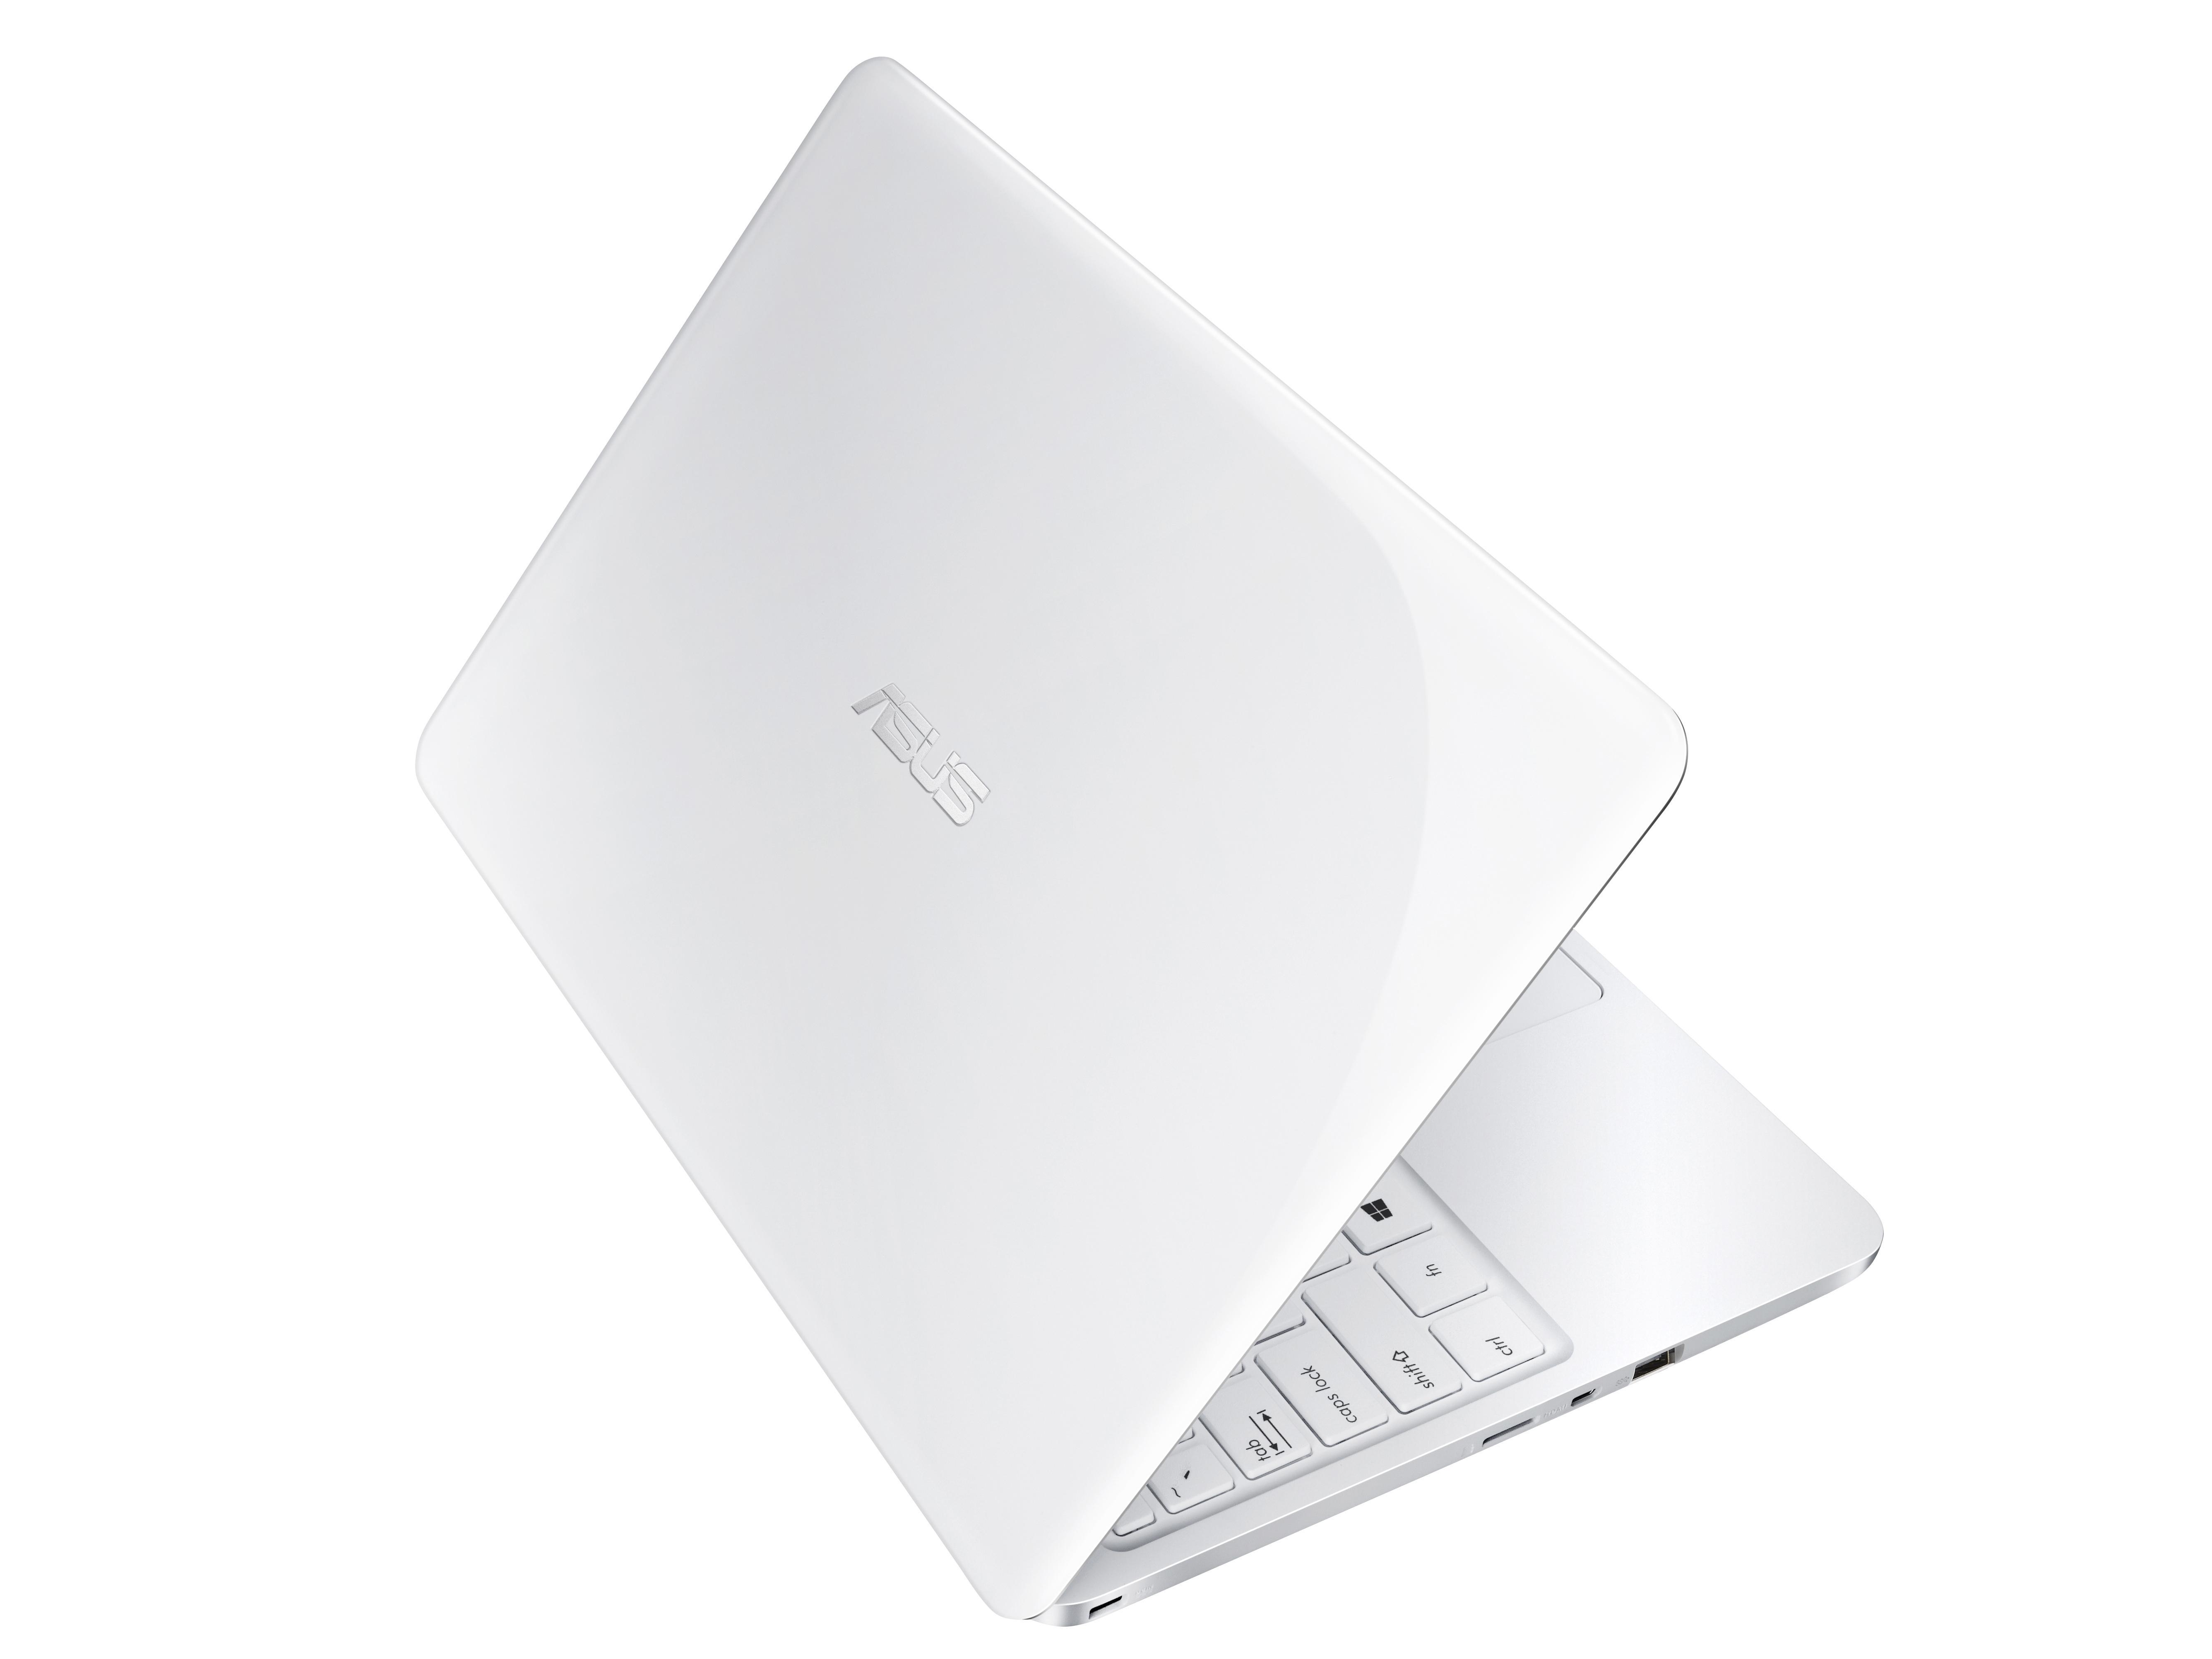 """ASUS VivoBook E200HA-FD0005T 1.44GHz x5-Z8300 11.6"""" 1366 x 768pixels White notebook"""